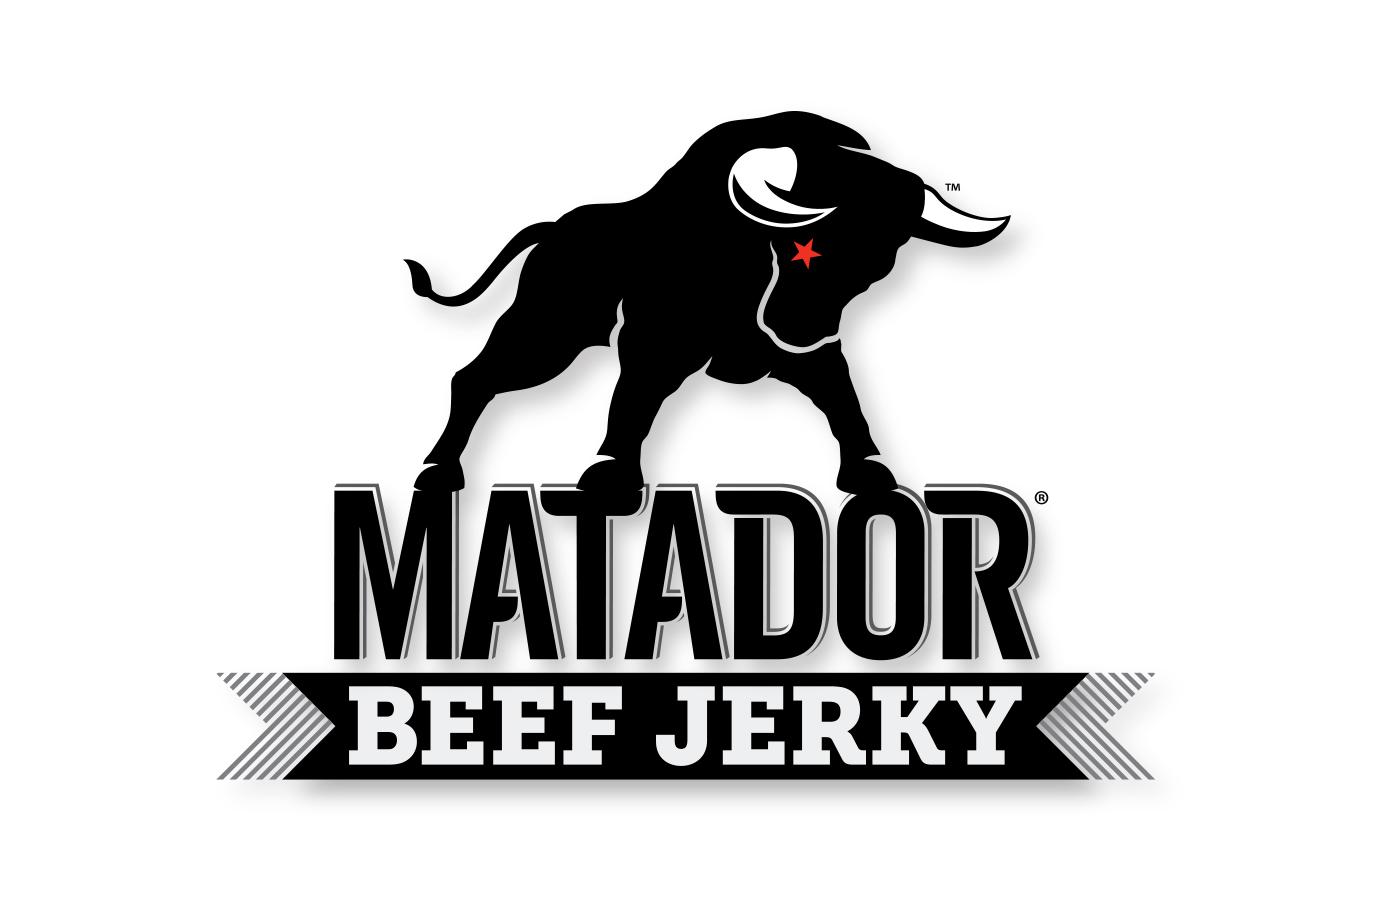 Metador Beef Jerky